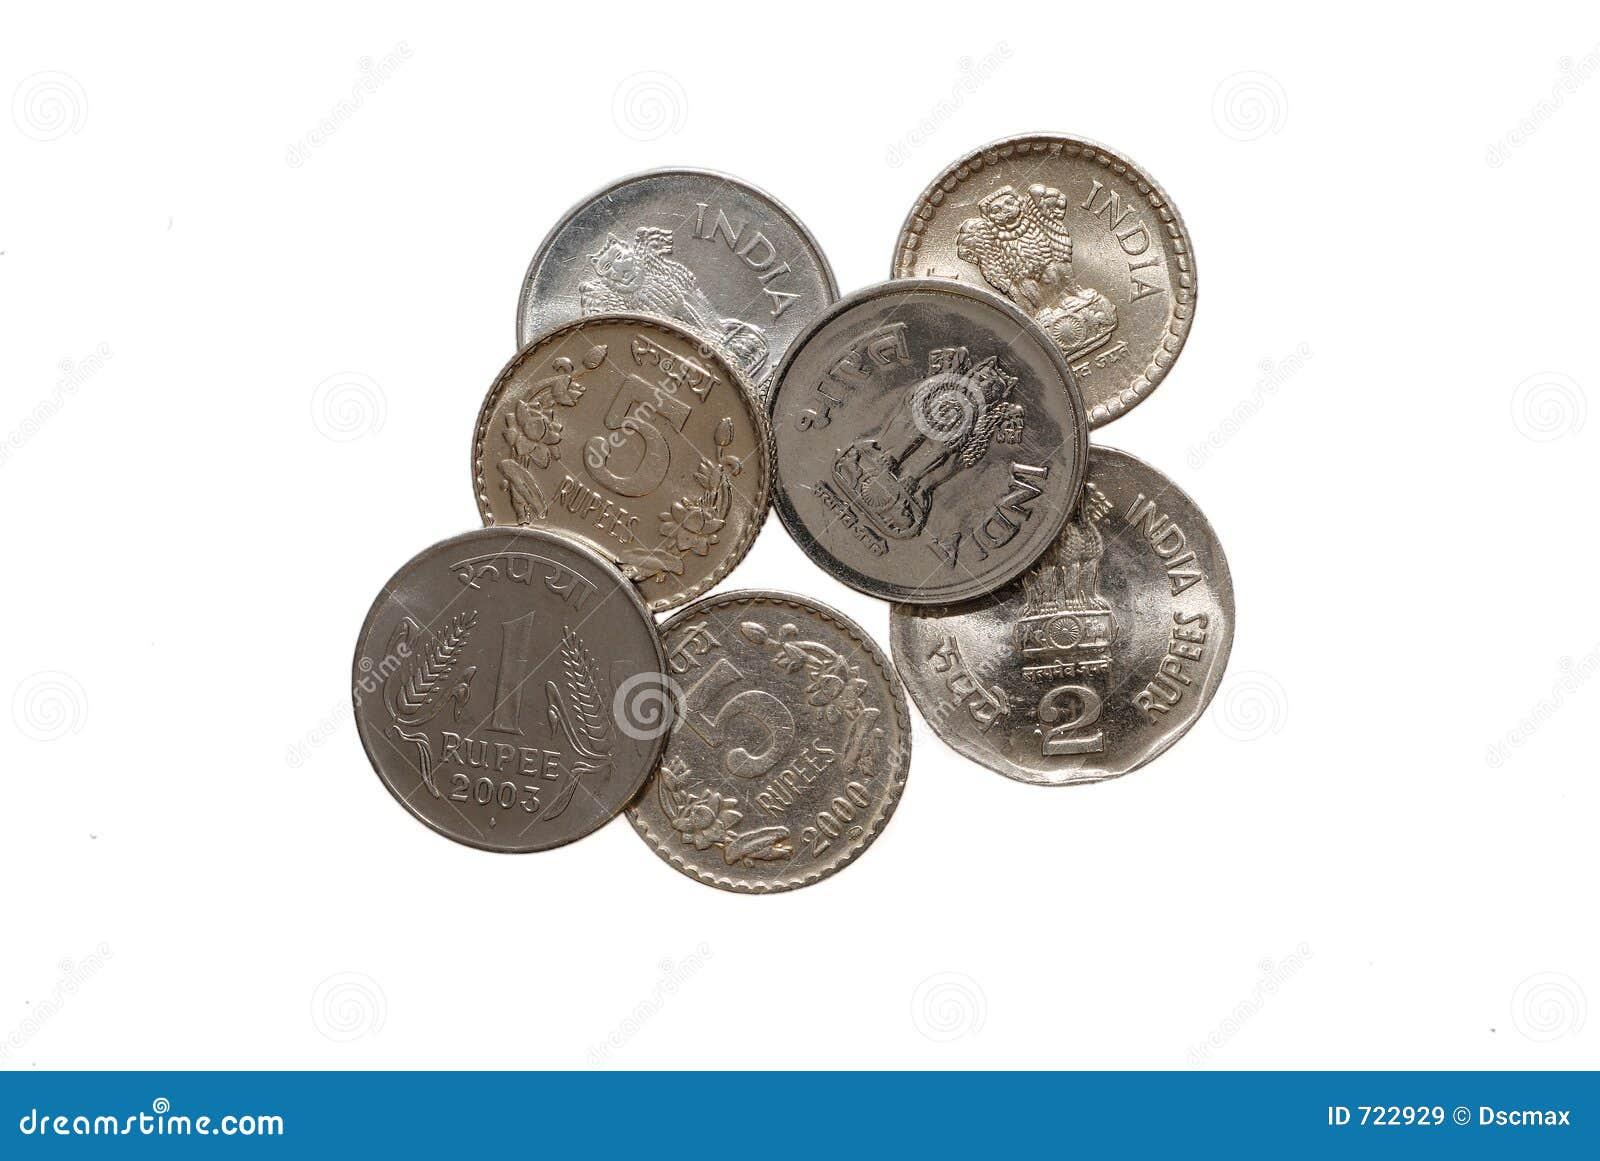 1 euro wieviel indische rupien